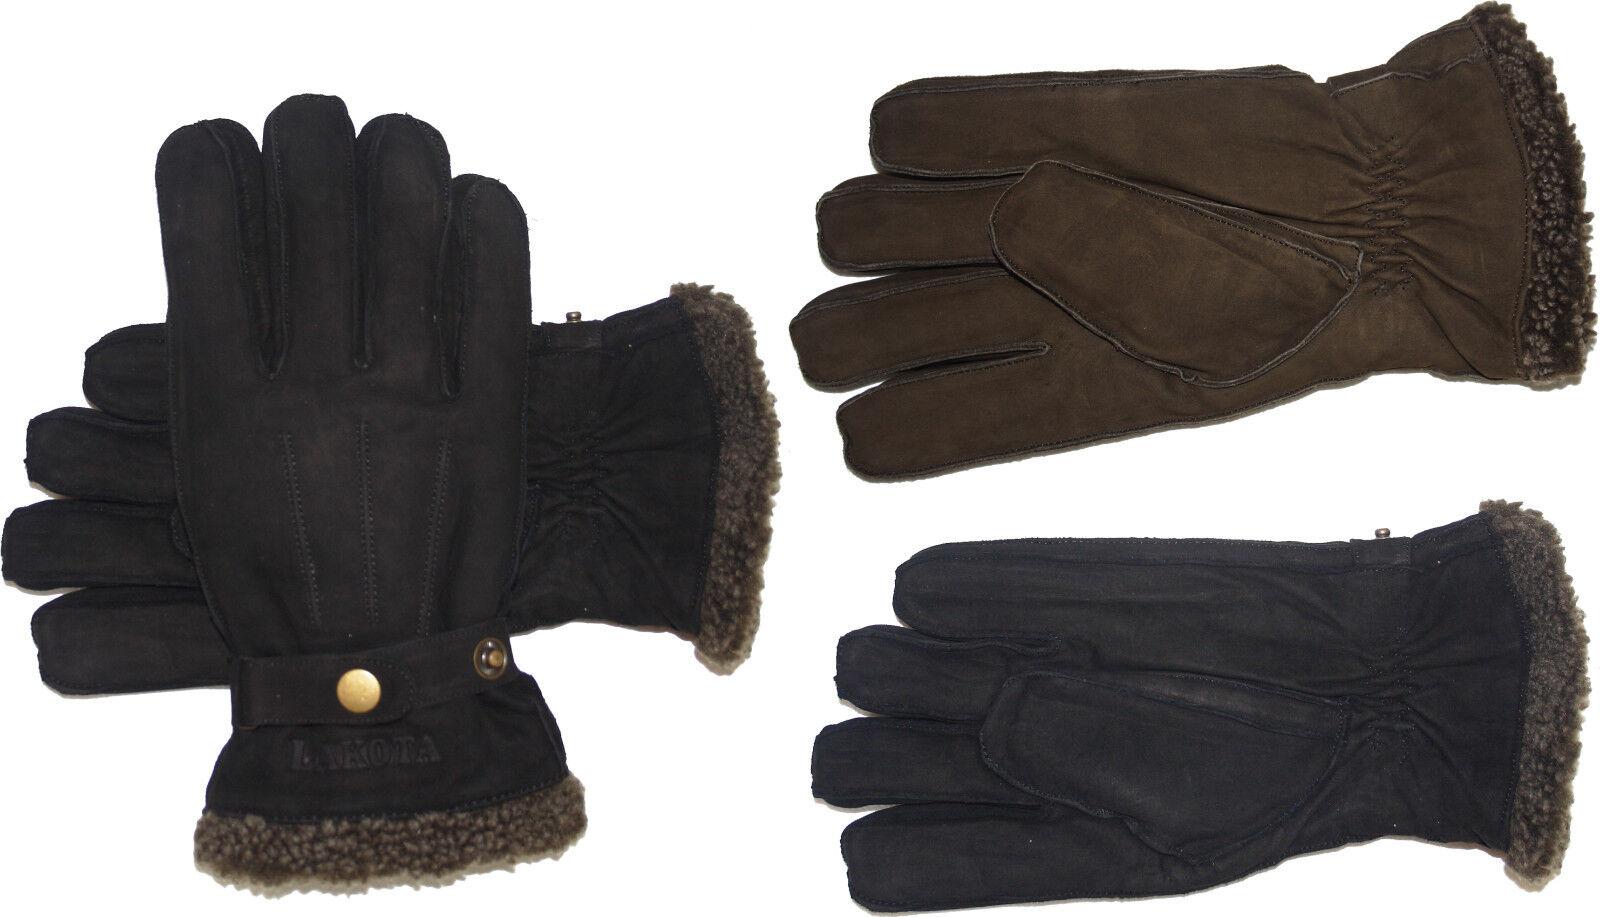 Lederhandschuhe Handschuhe echt Leder Leder echt mit Lederbandschließe LAKOTA 47dae0